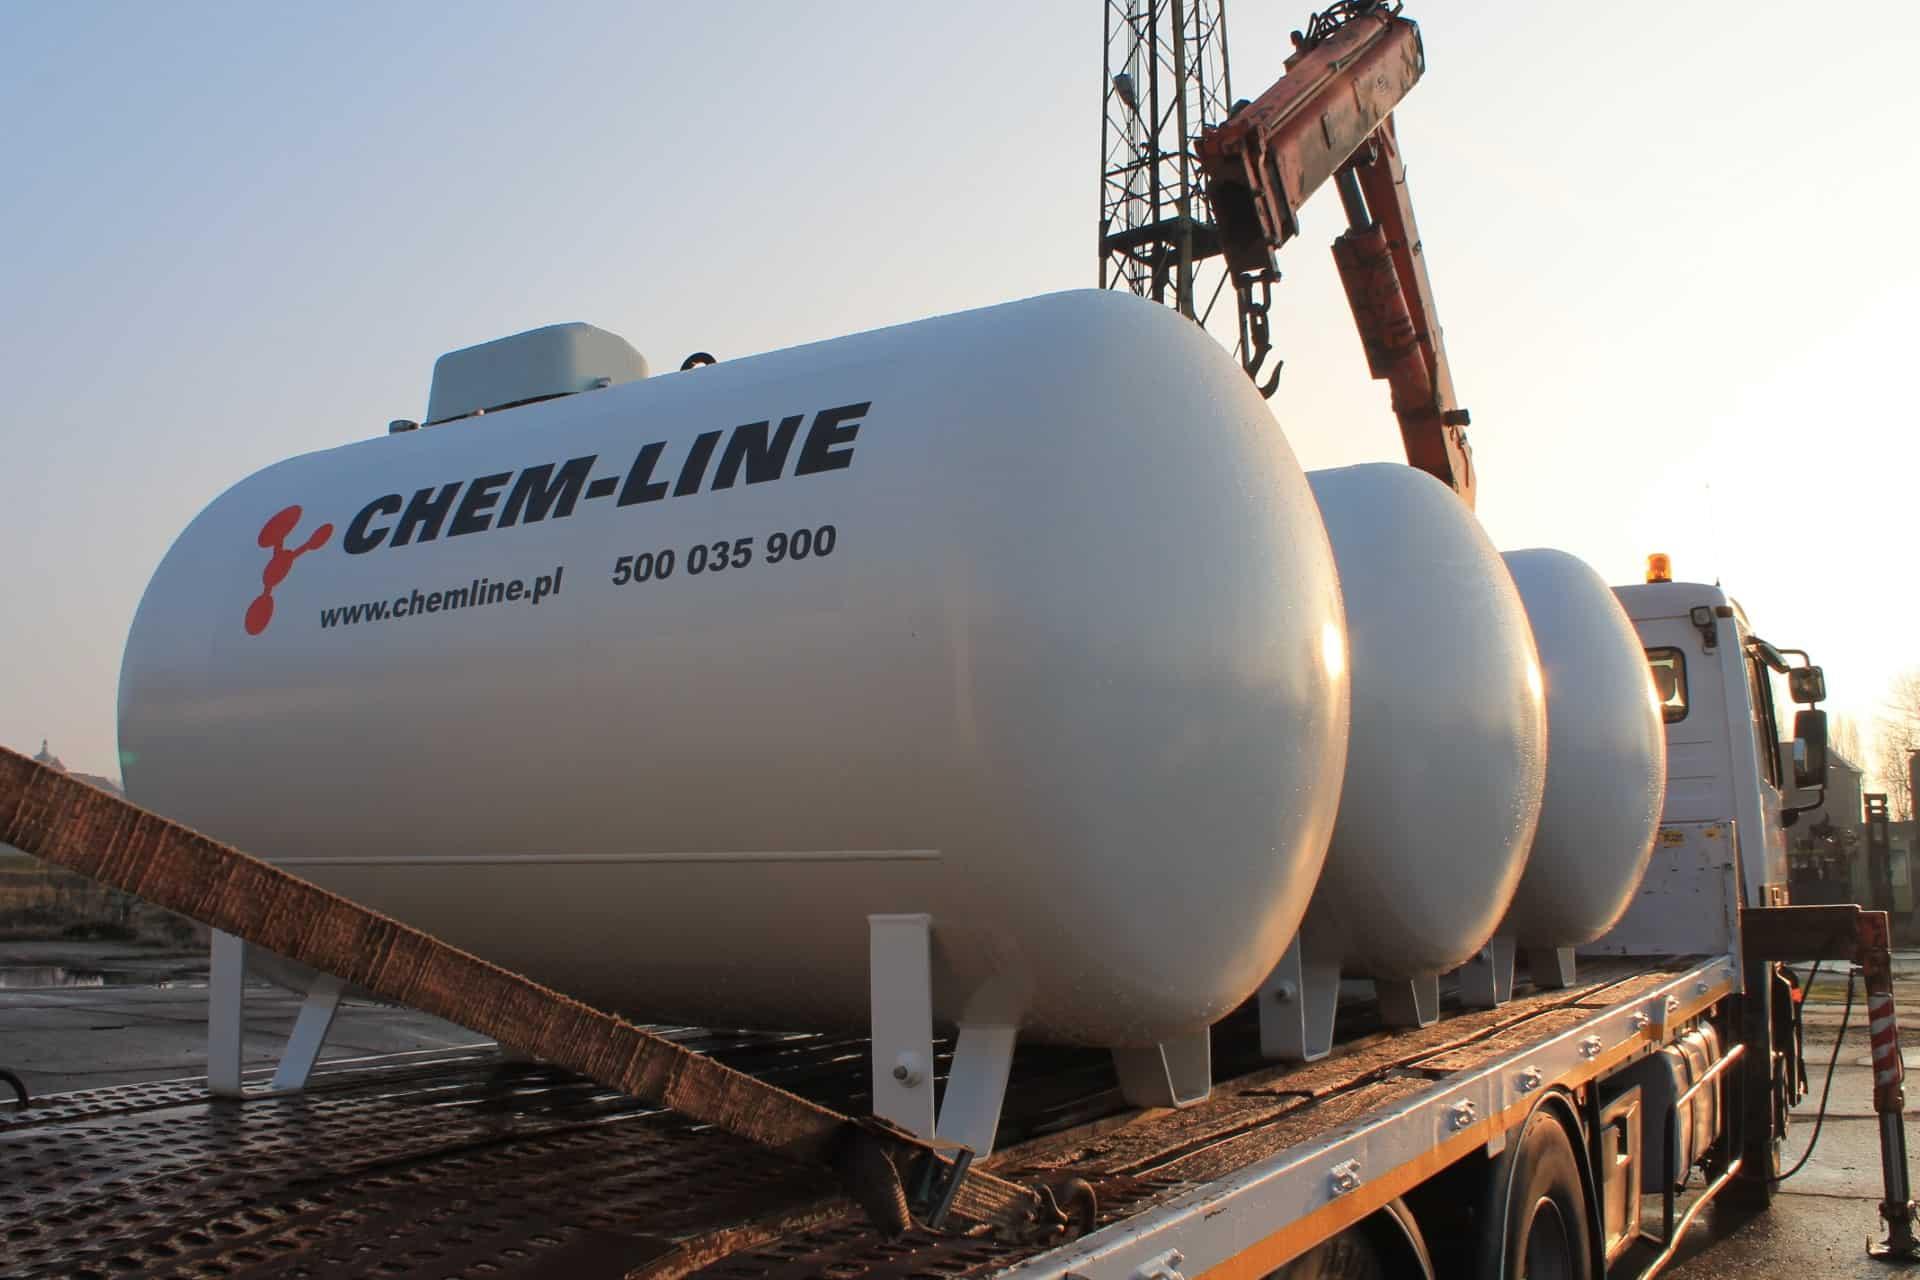 Aktualne Zbiorniki | Ogrzewanie • Gaz • CHEM-LINE FV24